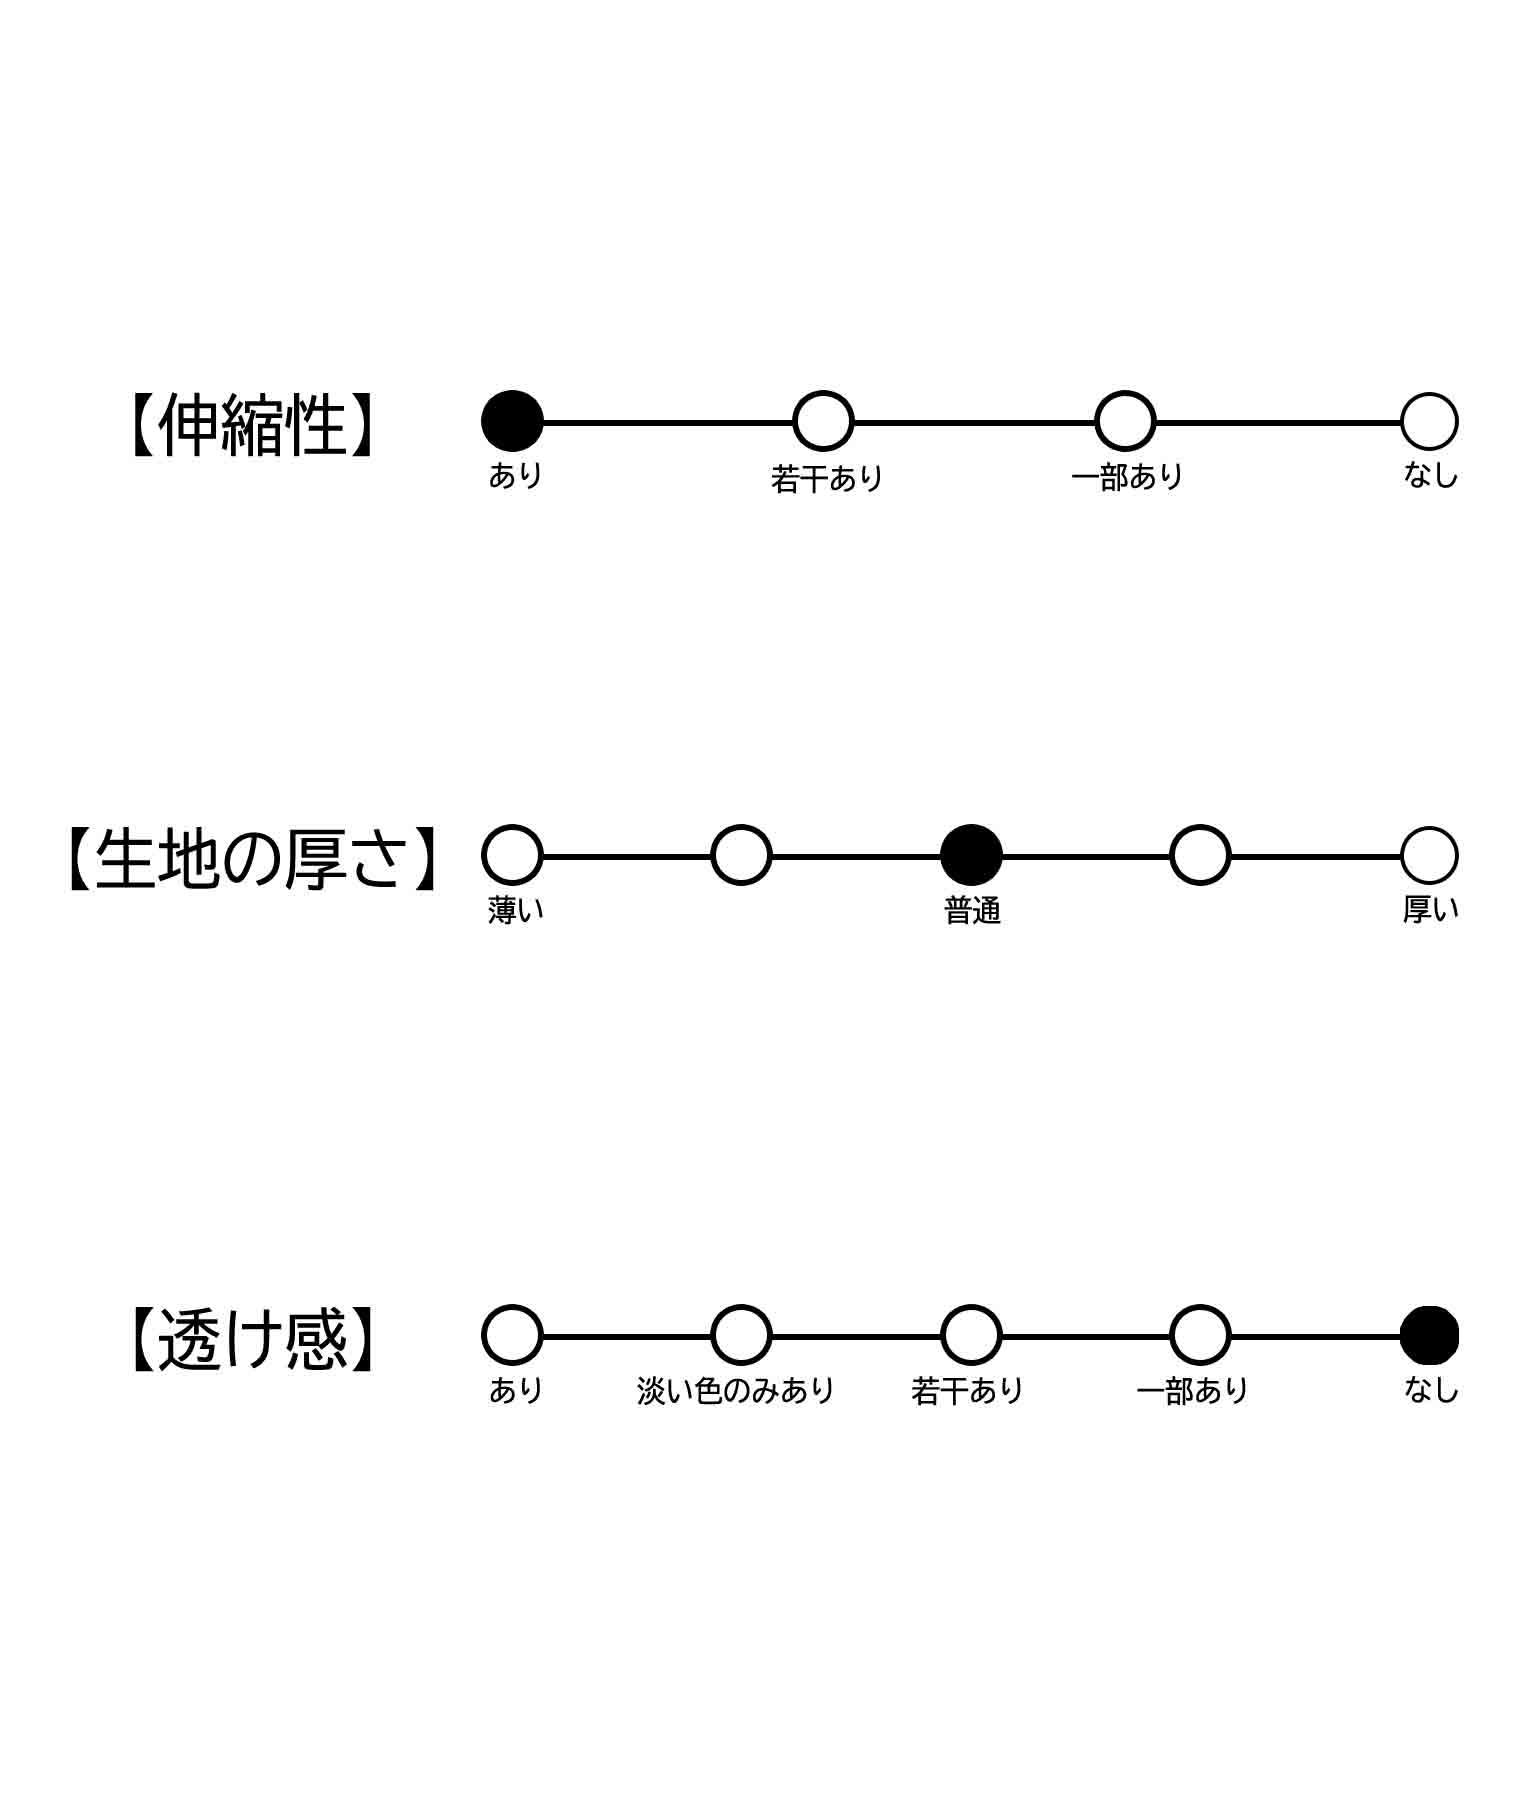 袖チュールショート丈フーディー | ANAP GiRL